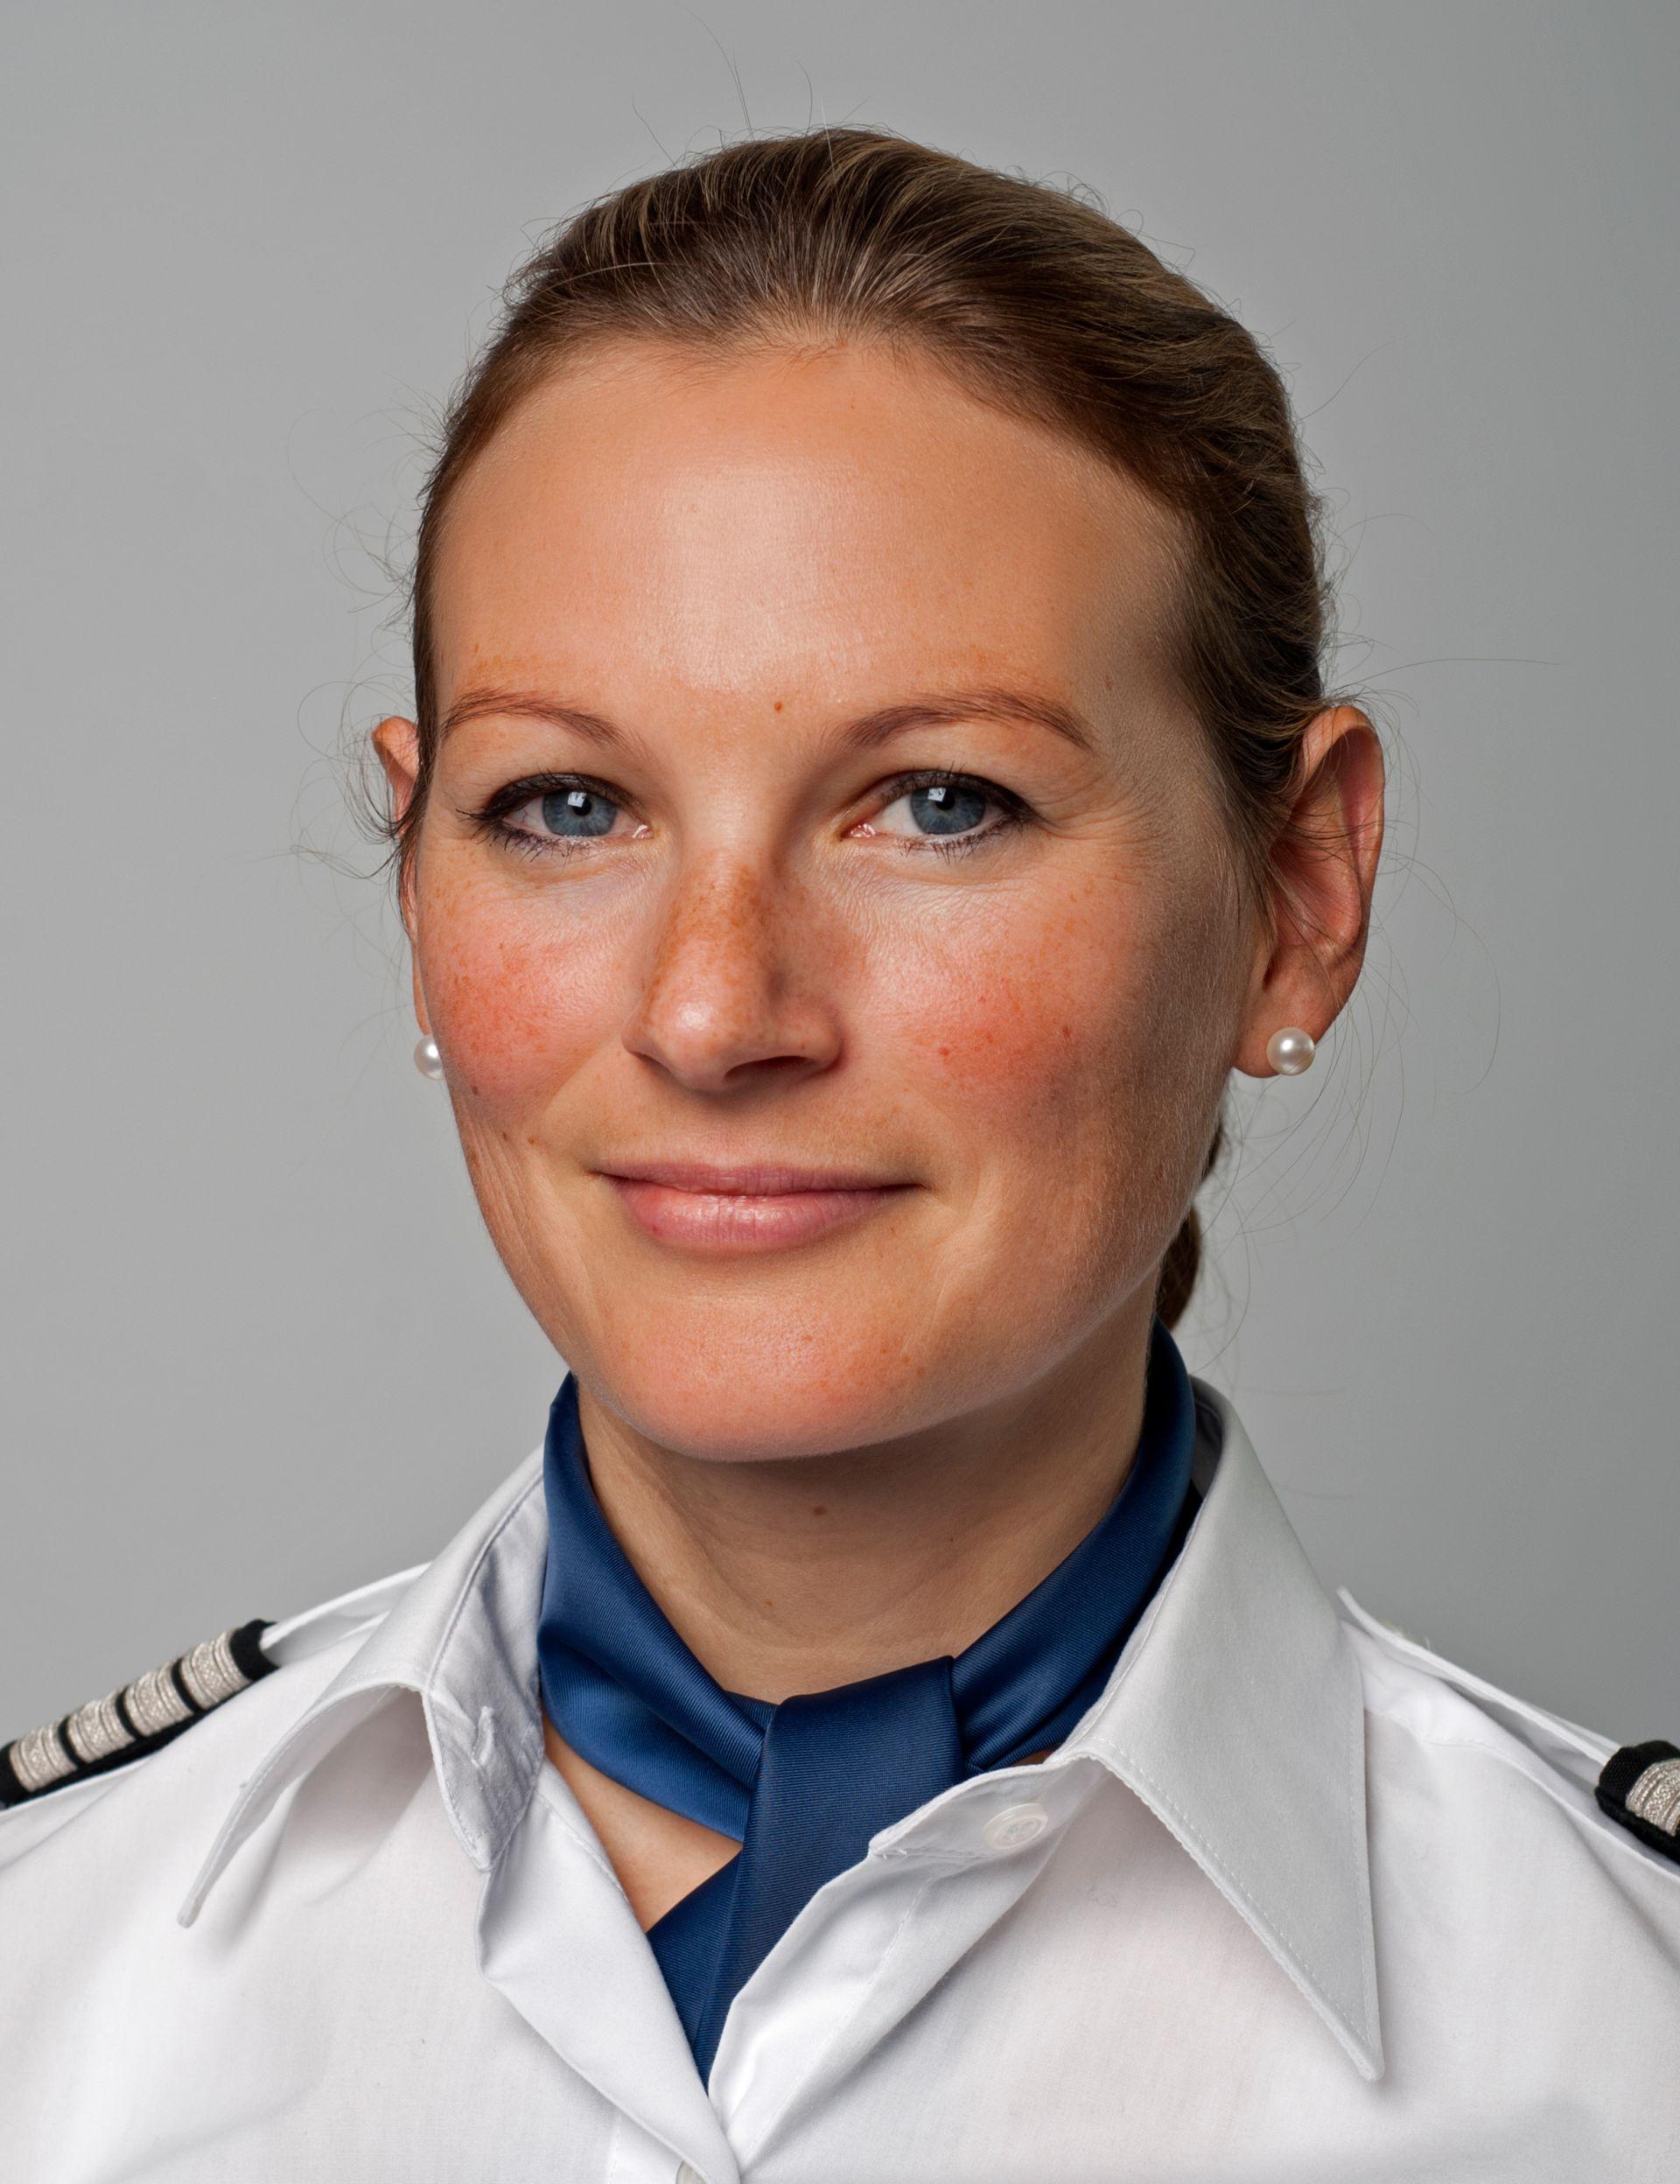 Natascha Borkhard